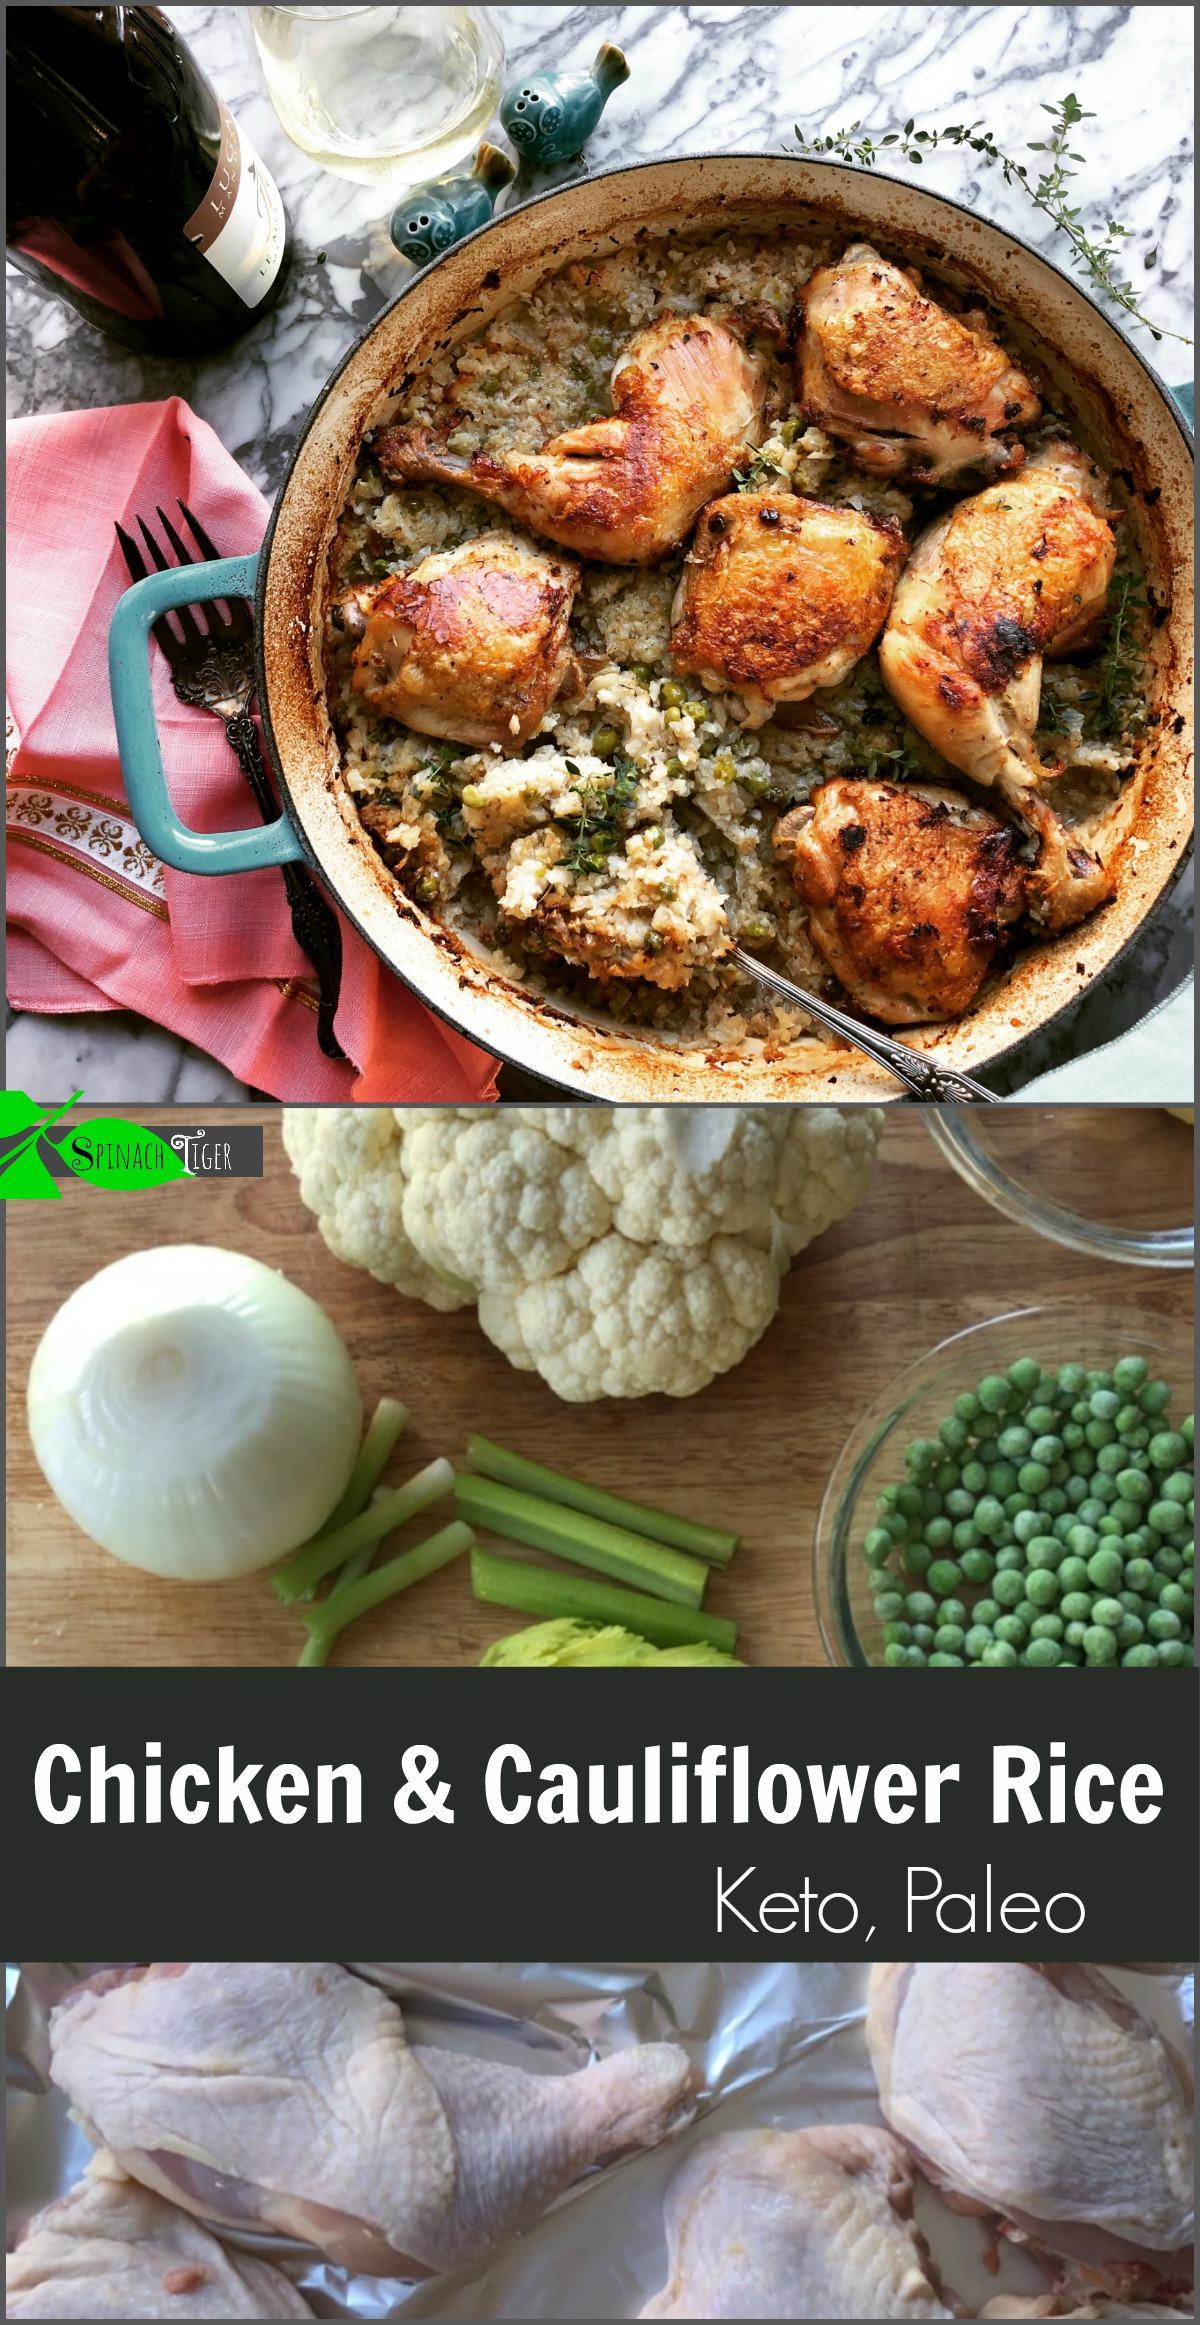 Cauliflower Rice and Chicken: How to Make Cauliflower Rice